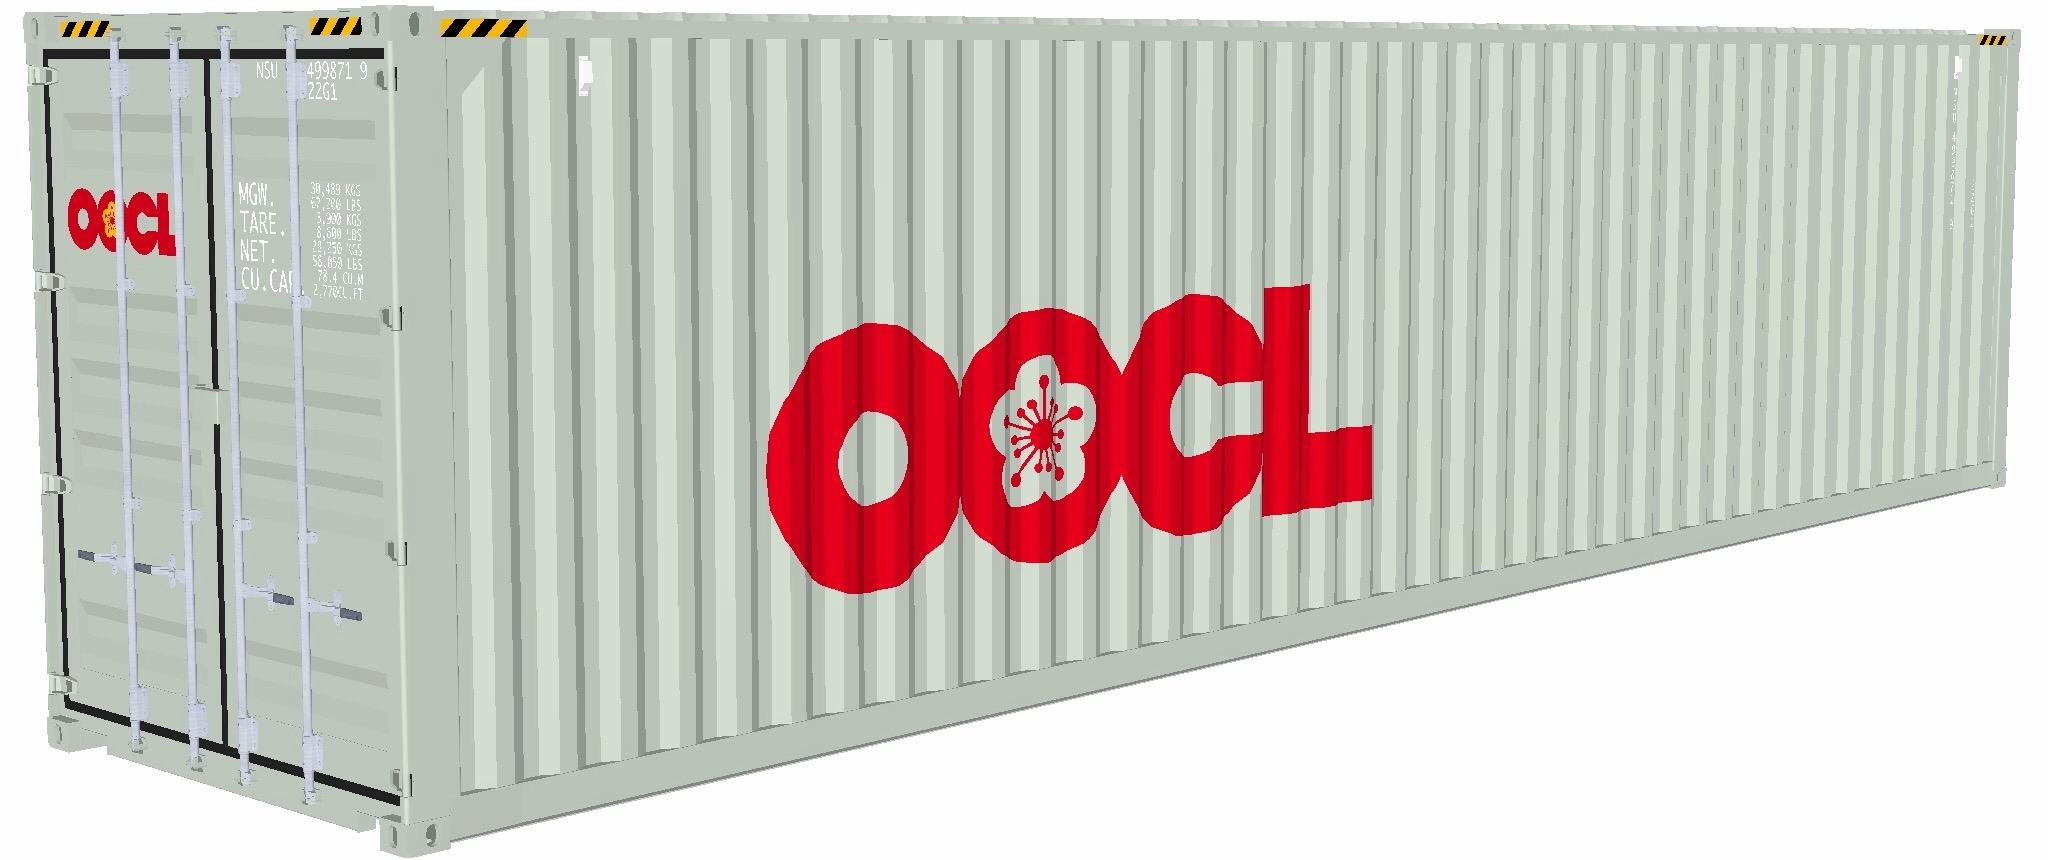 Container D Sketchup Mod Ef Bf Bdliser Interieur Decor Ef Bf Bd Technologie  Ef Bf Bdme